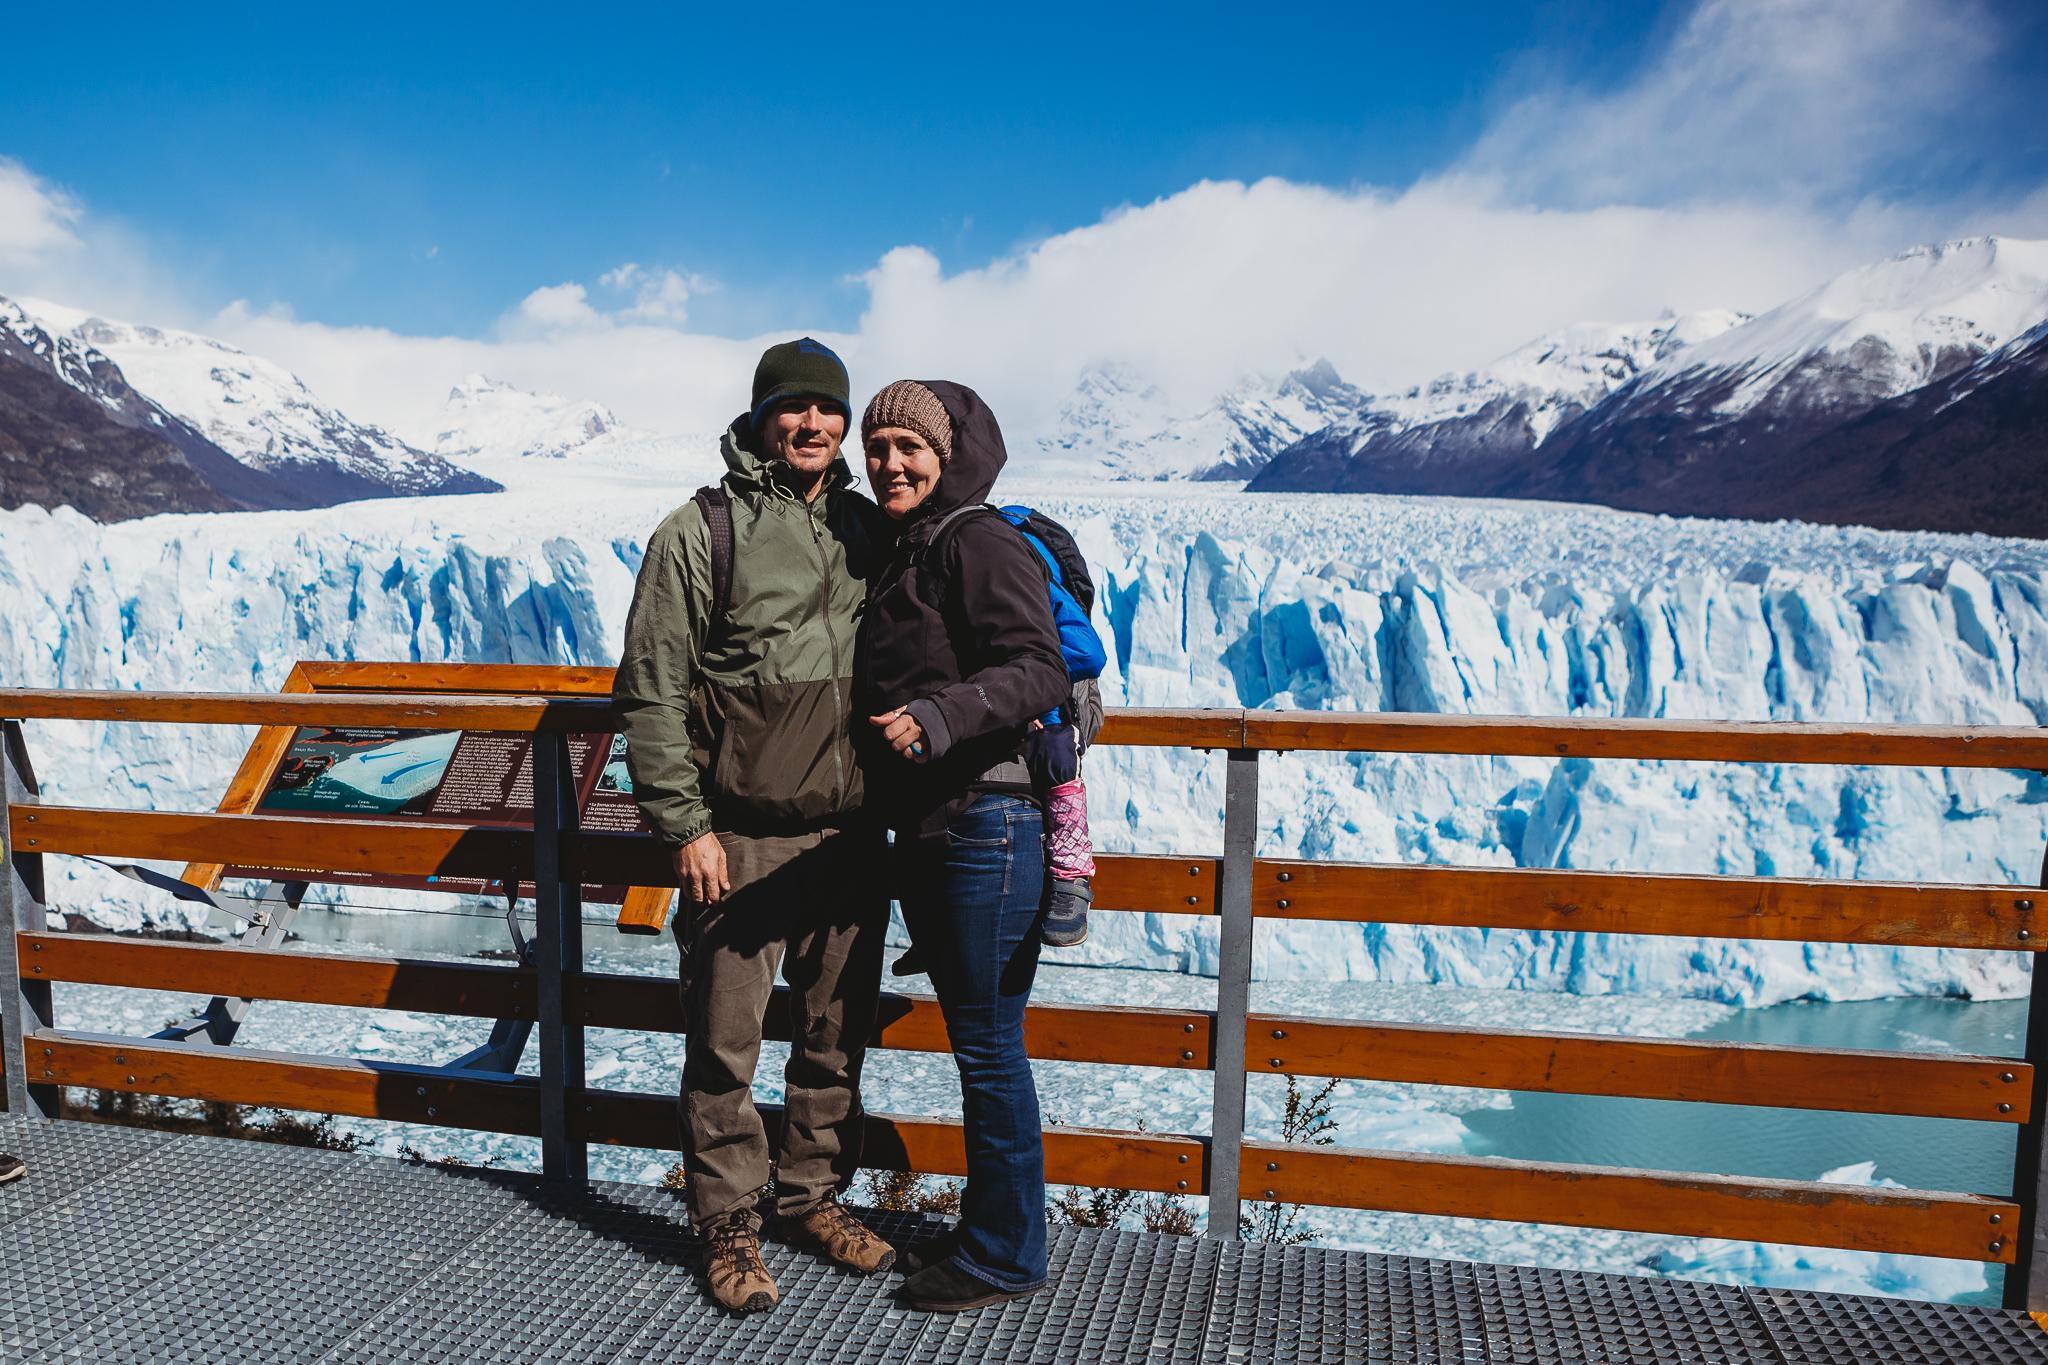 El Calafate, El Chalten, Perito Moreno, Parque Nacional Los Glaciares, Argentina, Buenos Aires-20.jpg